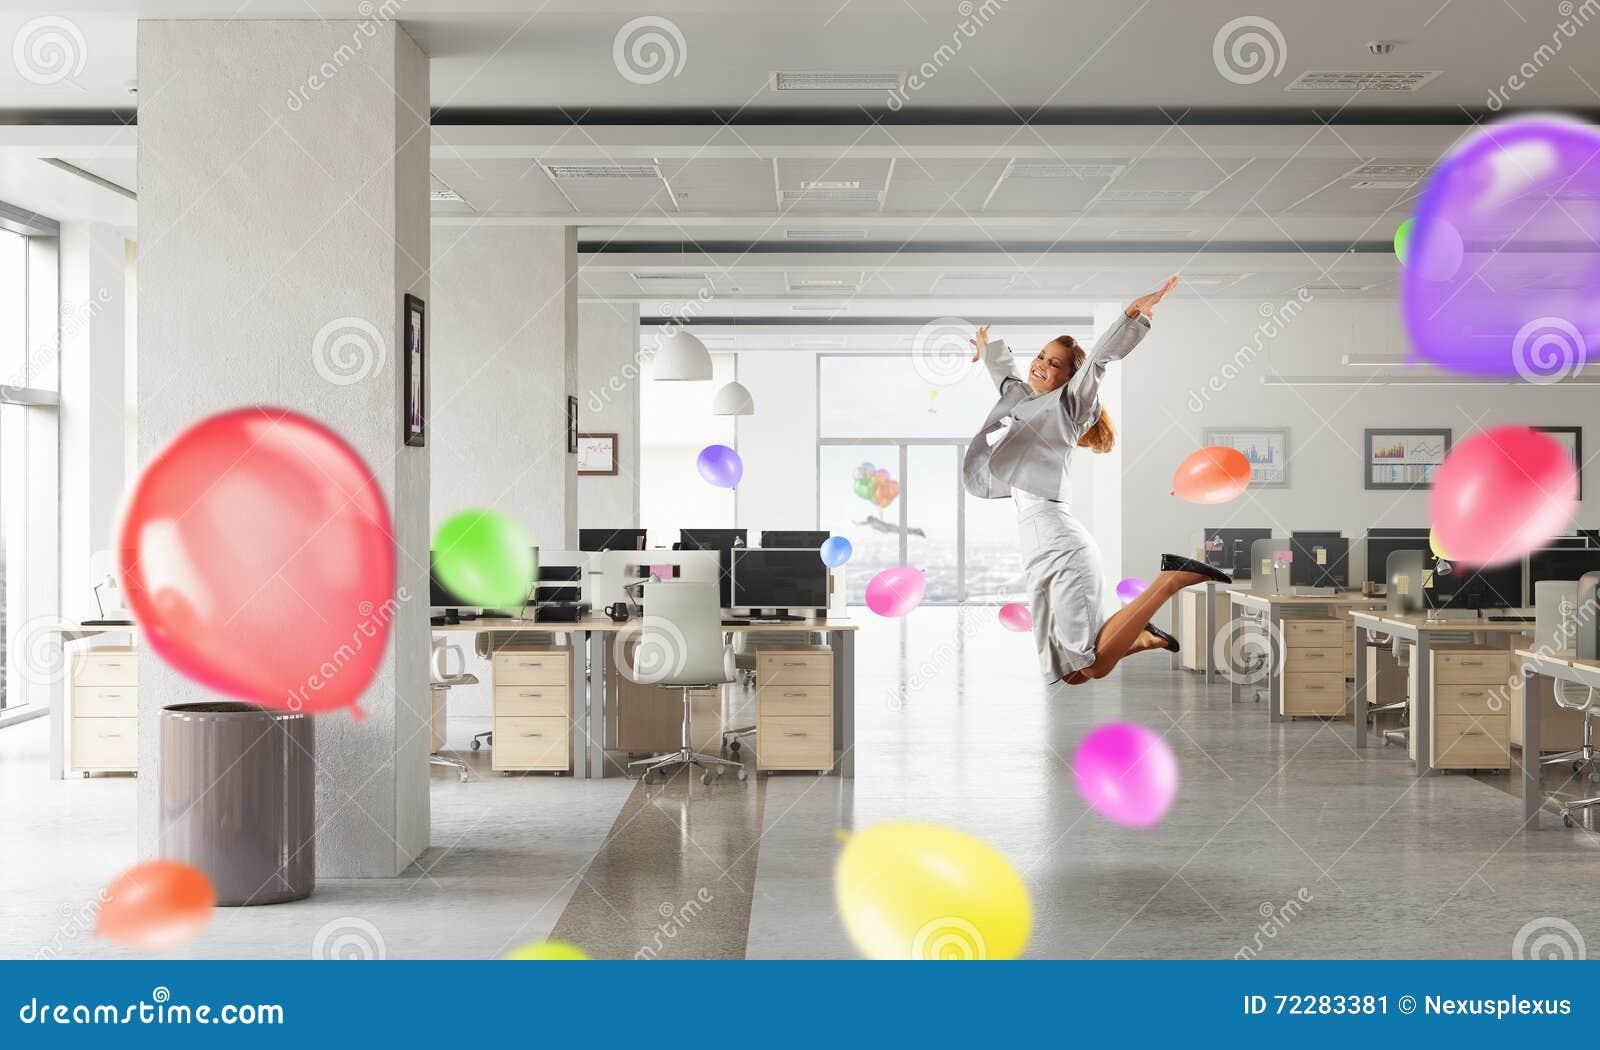 Download То чувство свободы стоковое изображение. изображение насчитывающей танцы - 72283381